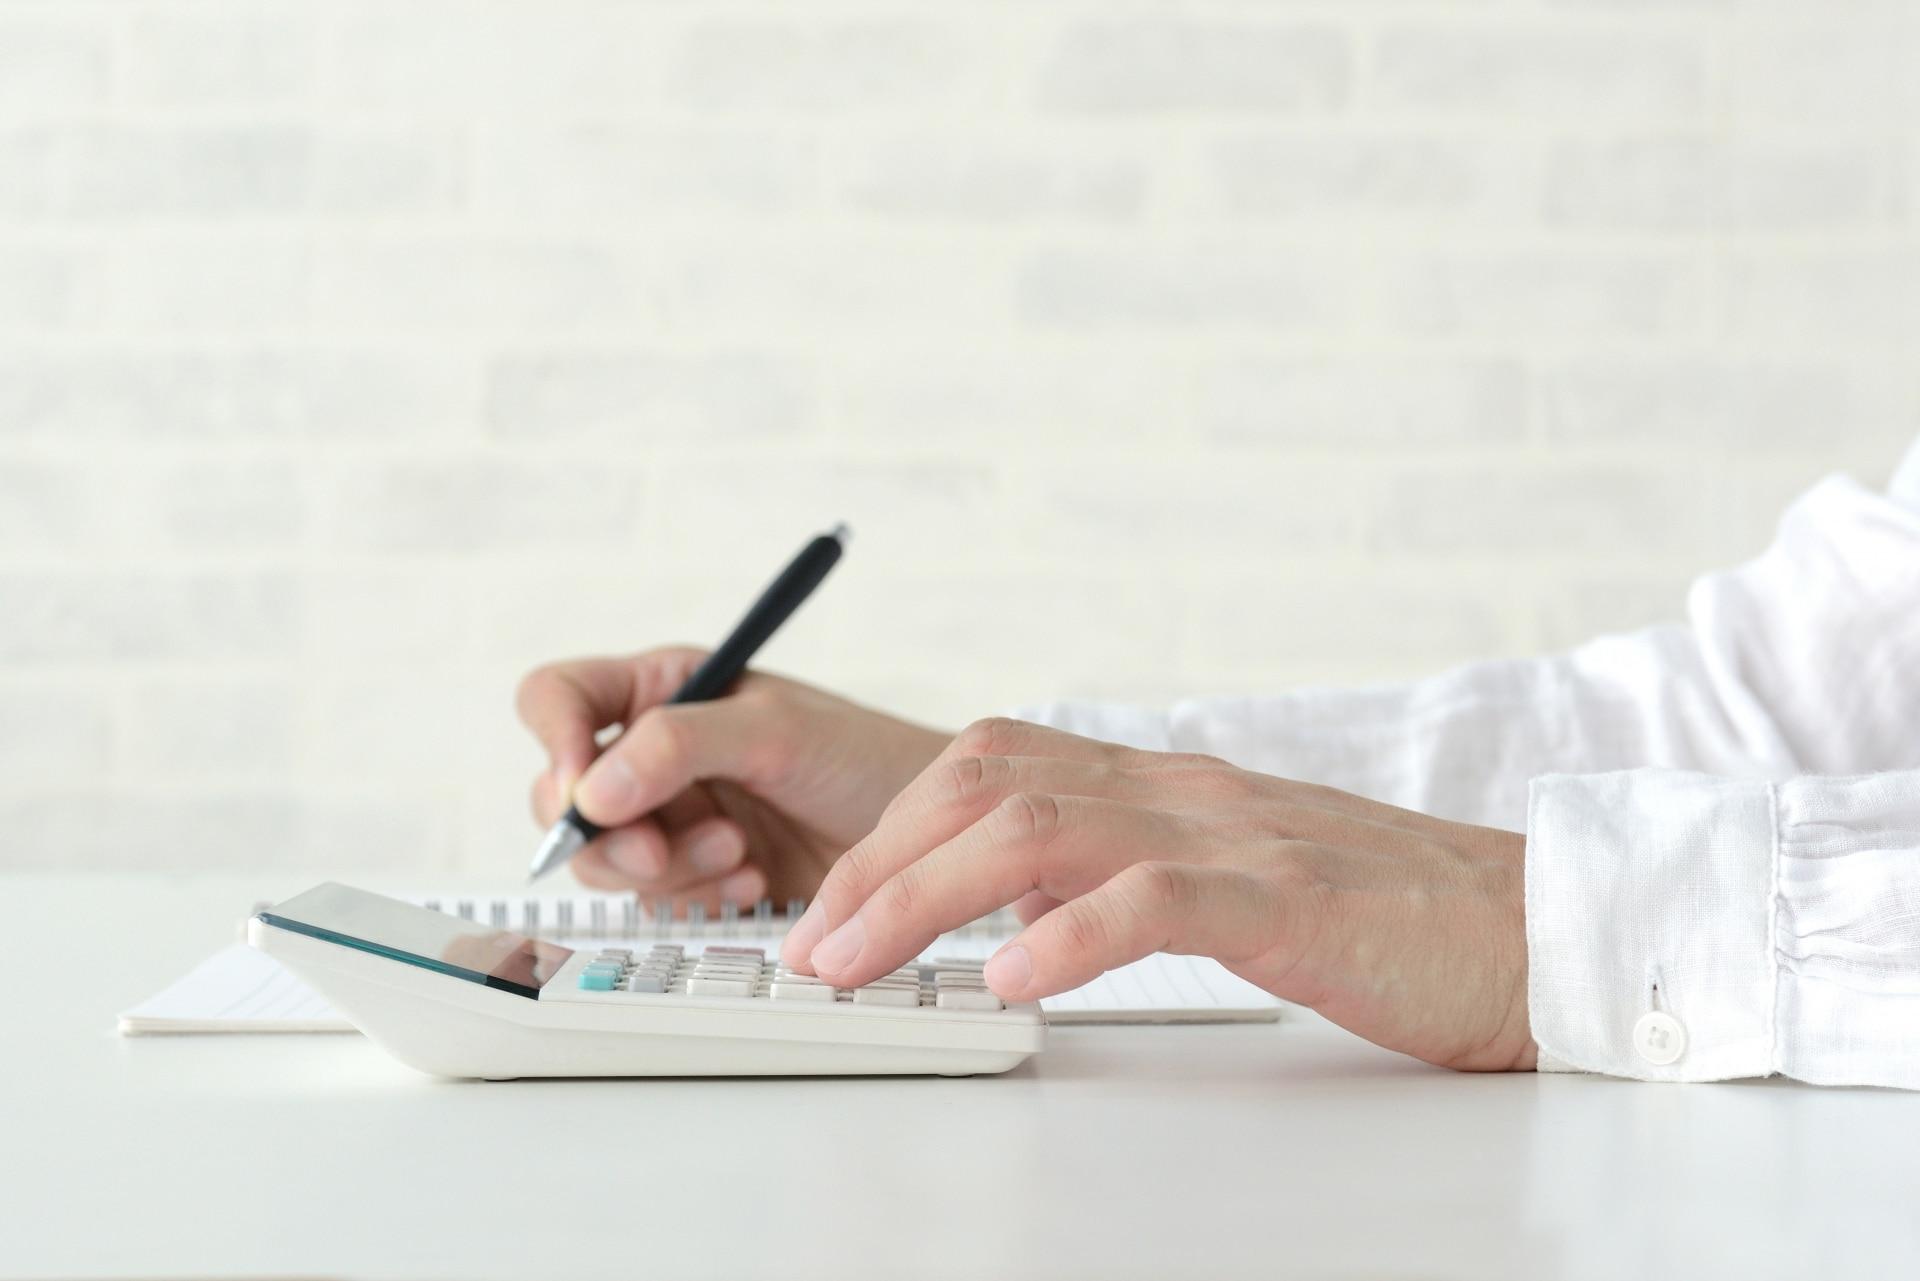 電卓で作業する女性